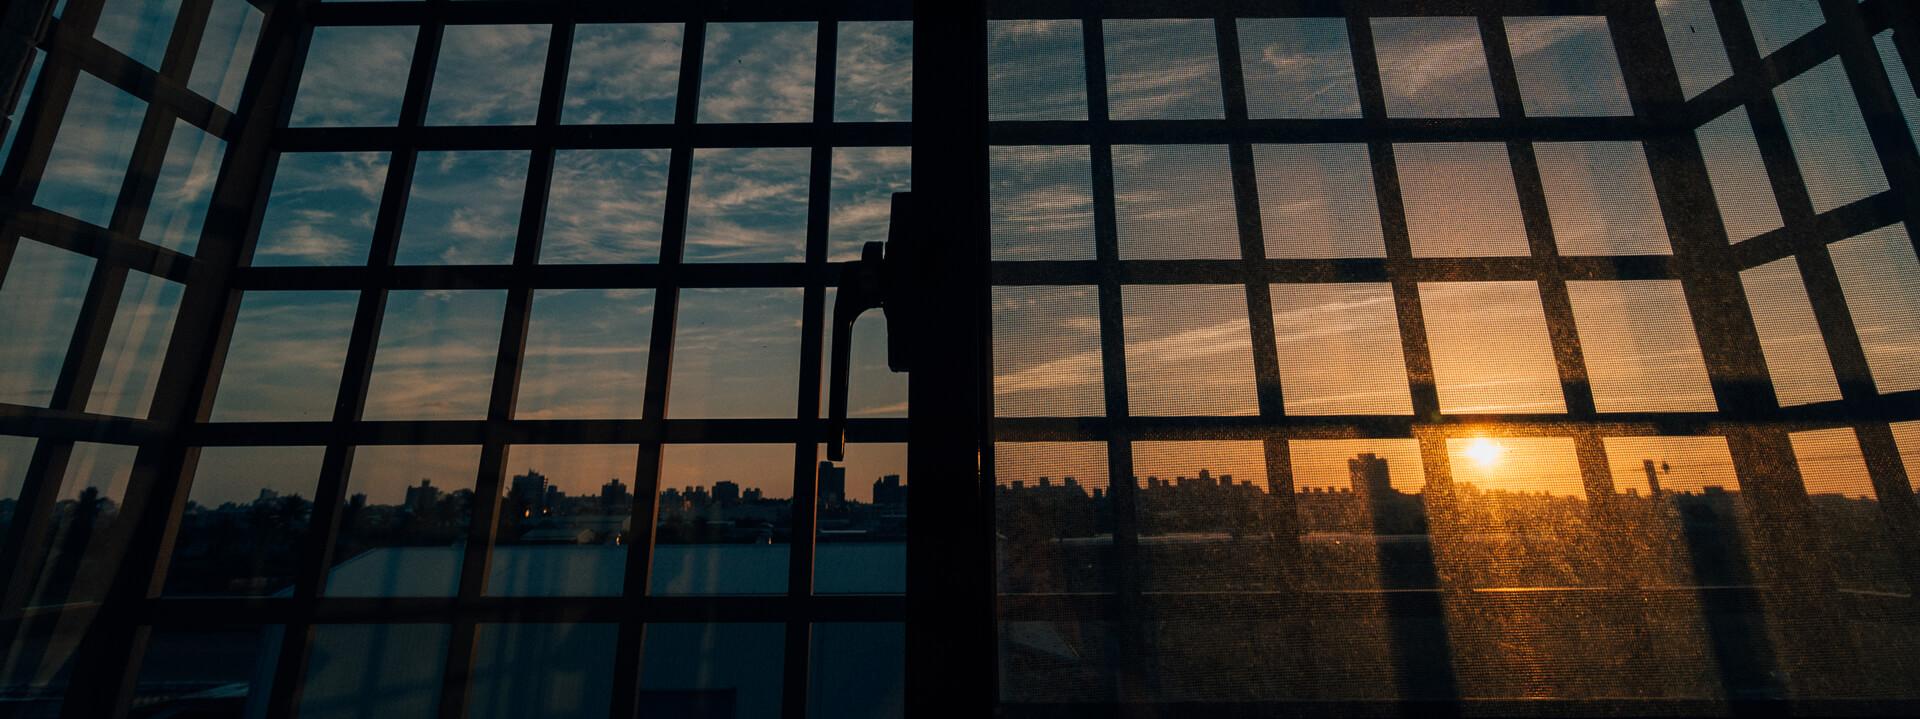 ציפוי חלונות כהים וחלבי - קאבר דיזיין היופי שבציפוי